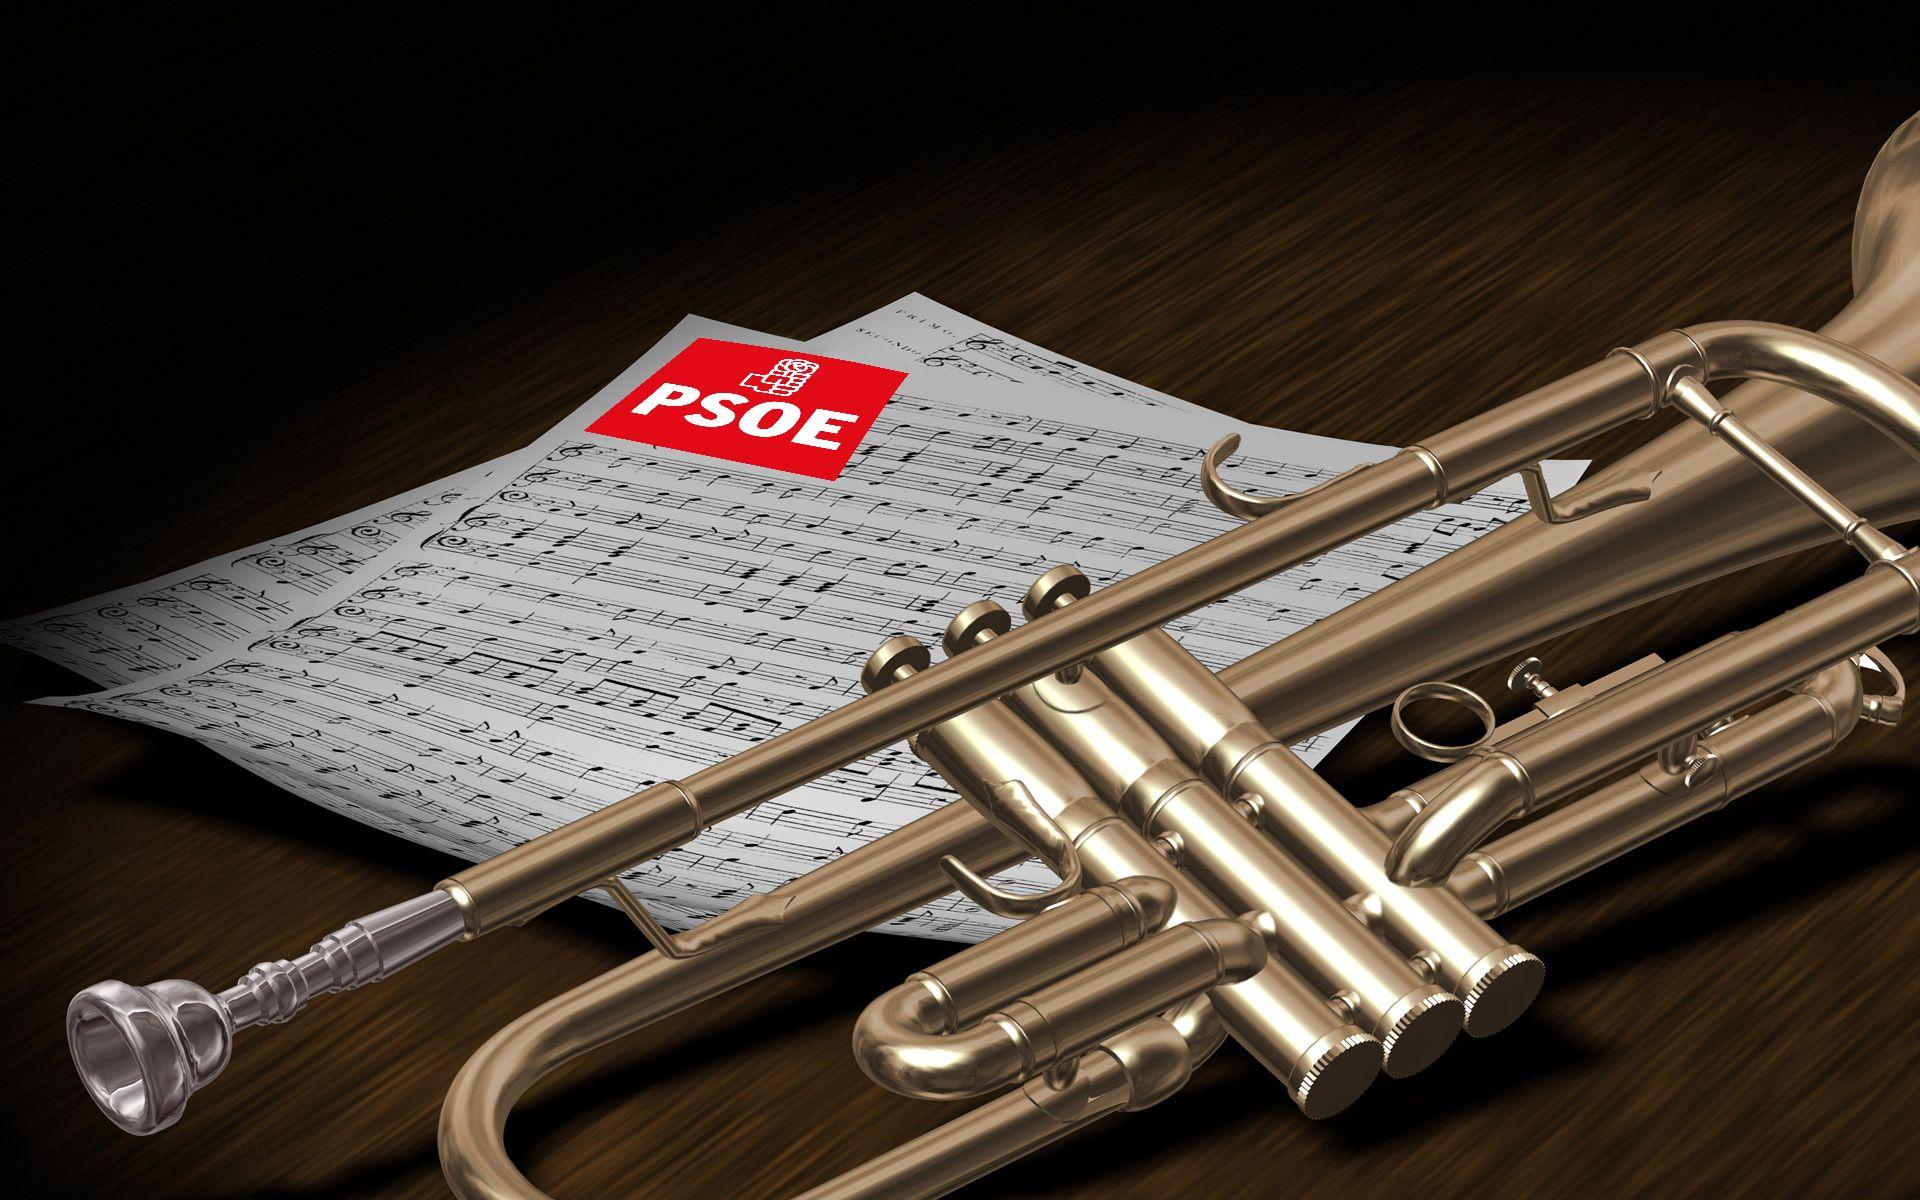 banda musica psoe